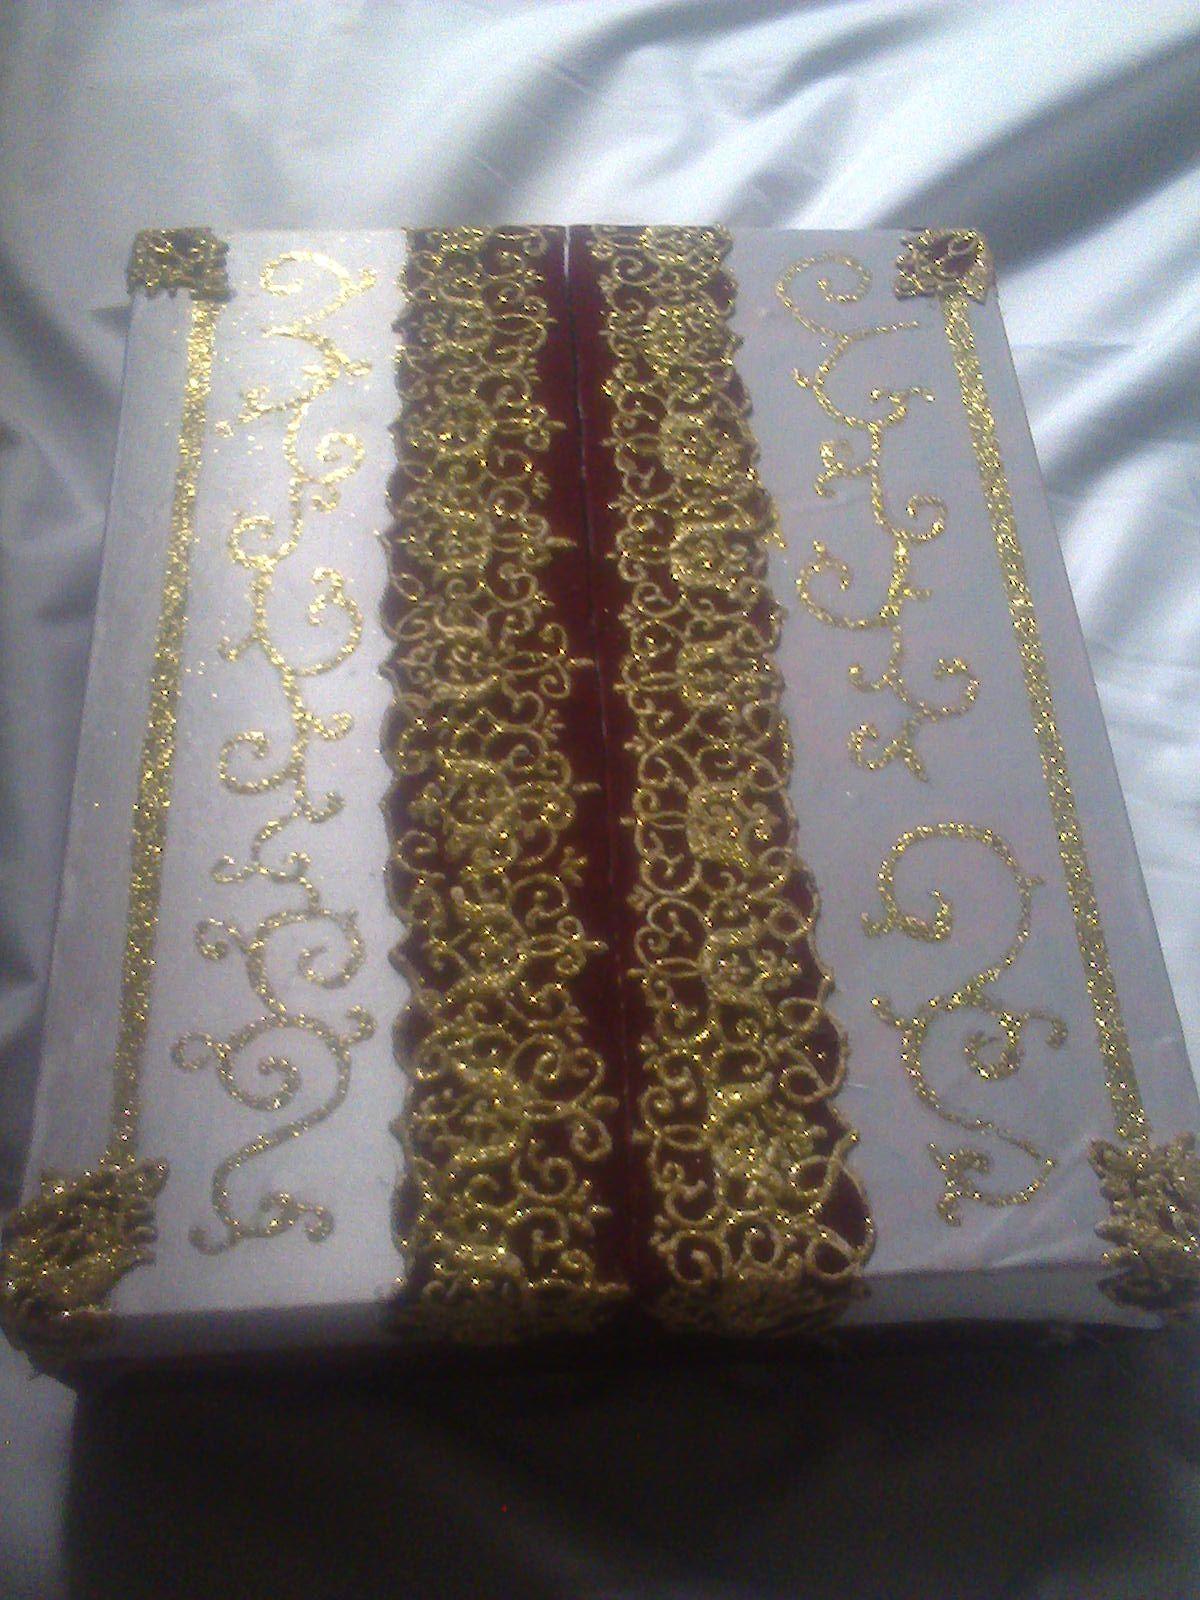 العلبة بعد التغلف والتزيين Gold Bracelet Gold Jewelry